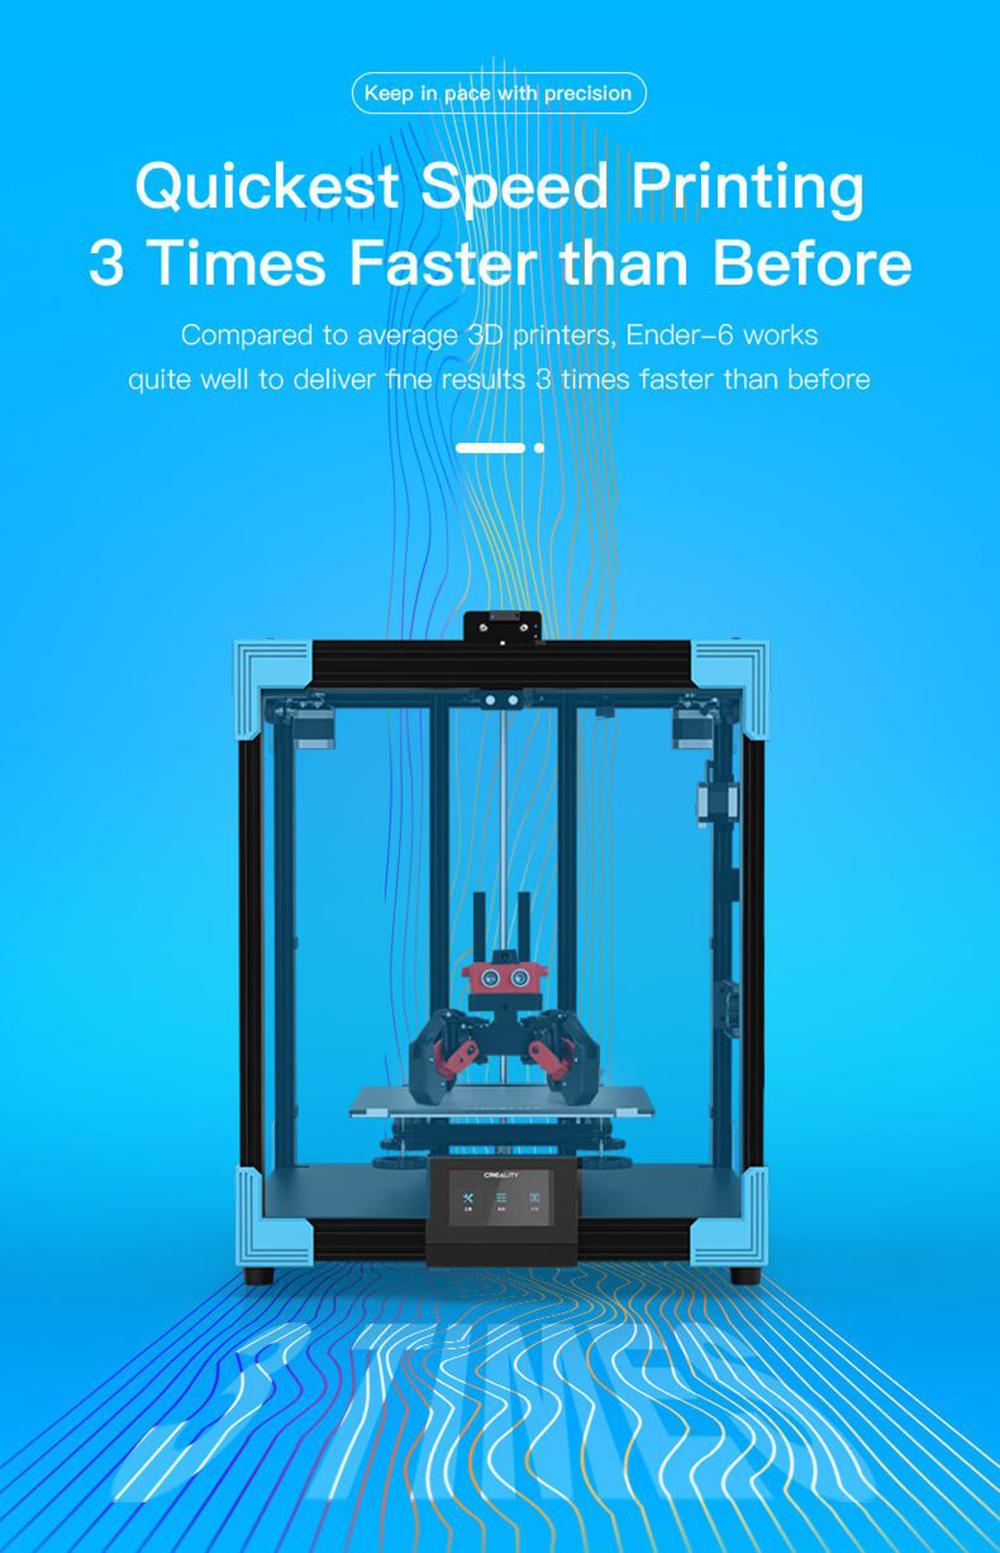 Creality3D Ender 6 3D-Drucker Bausatz - 250x250x400mm - 3 mal schnellerer Druck als zuvor